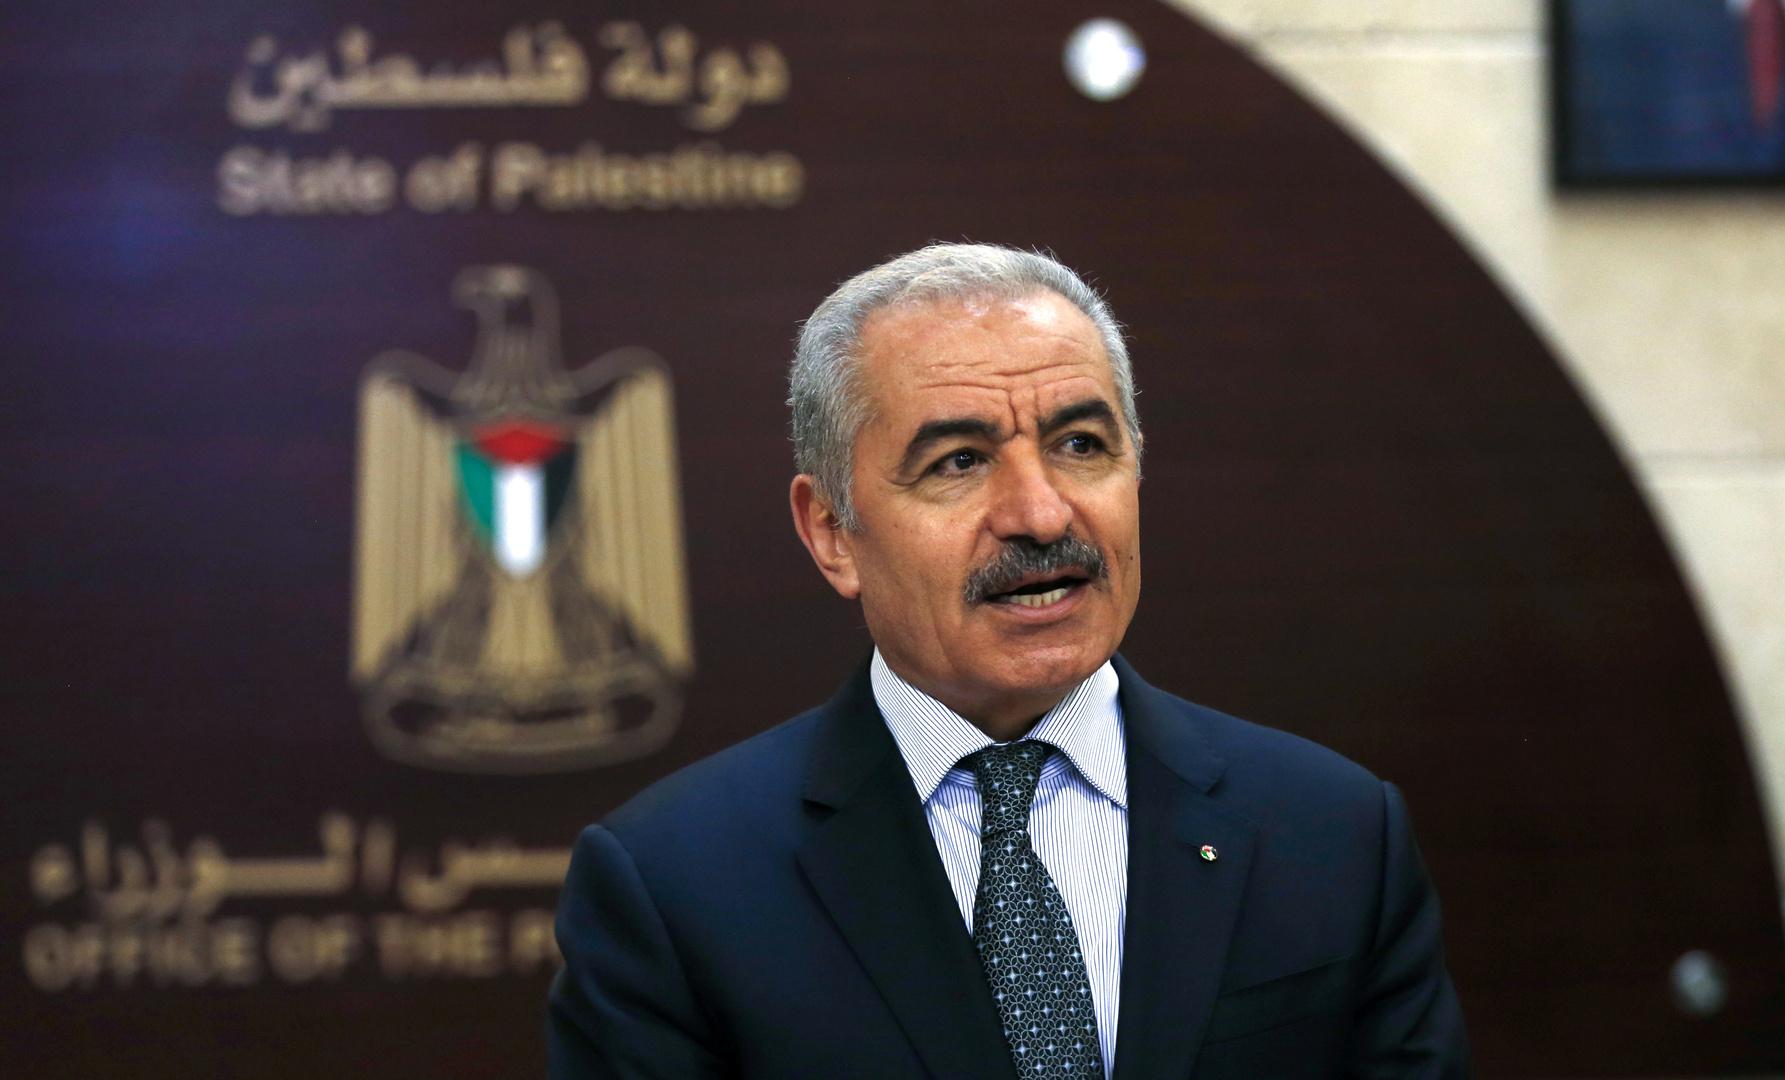 محمد اشتيه، رئيس الوزراء الفلسطيني